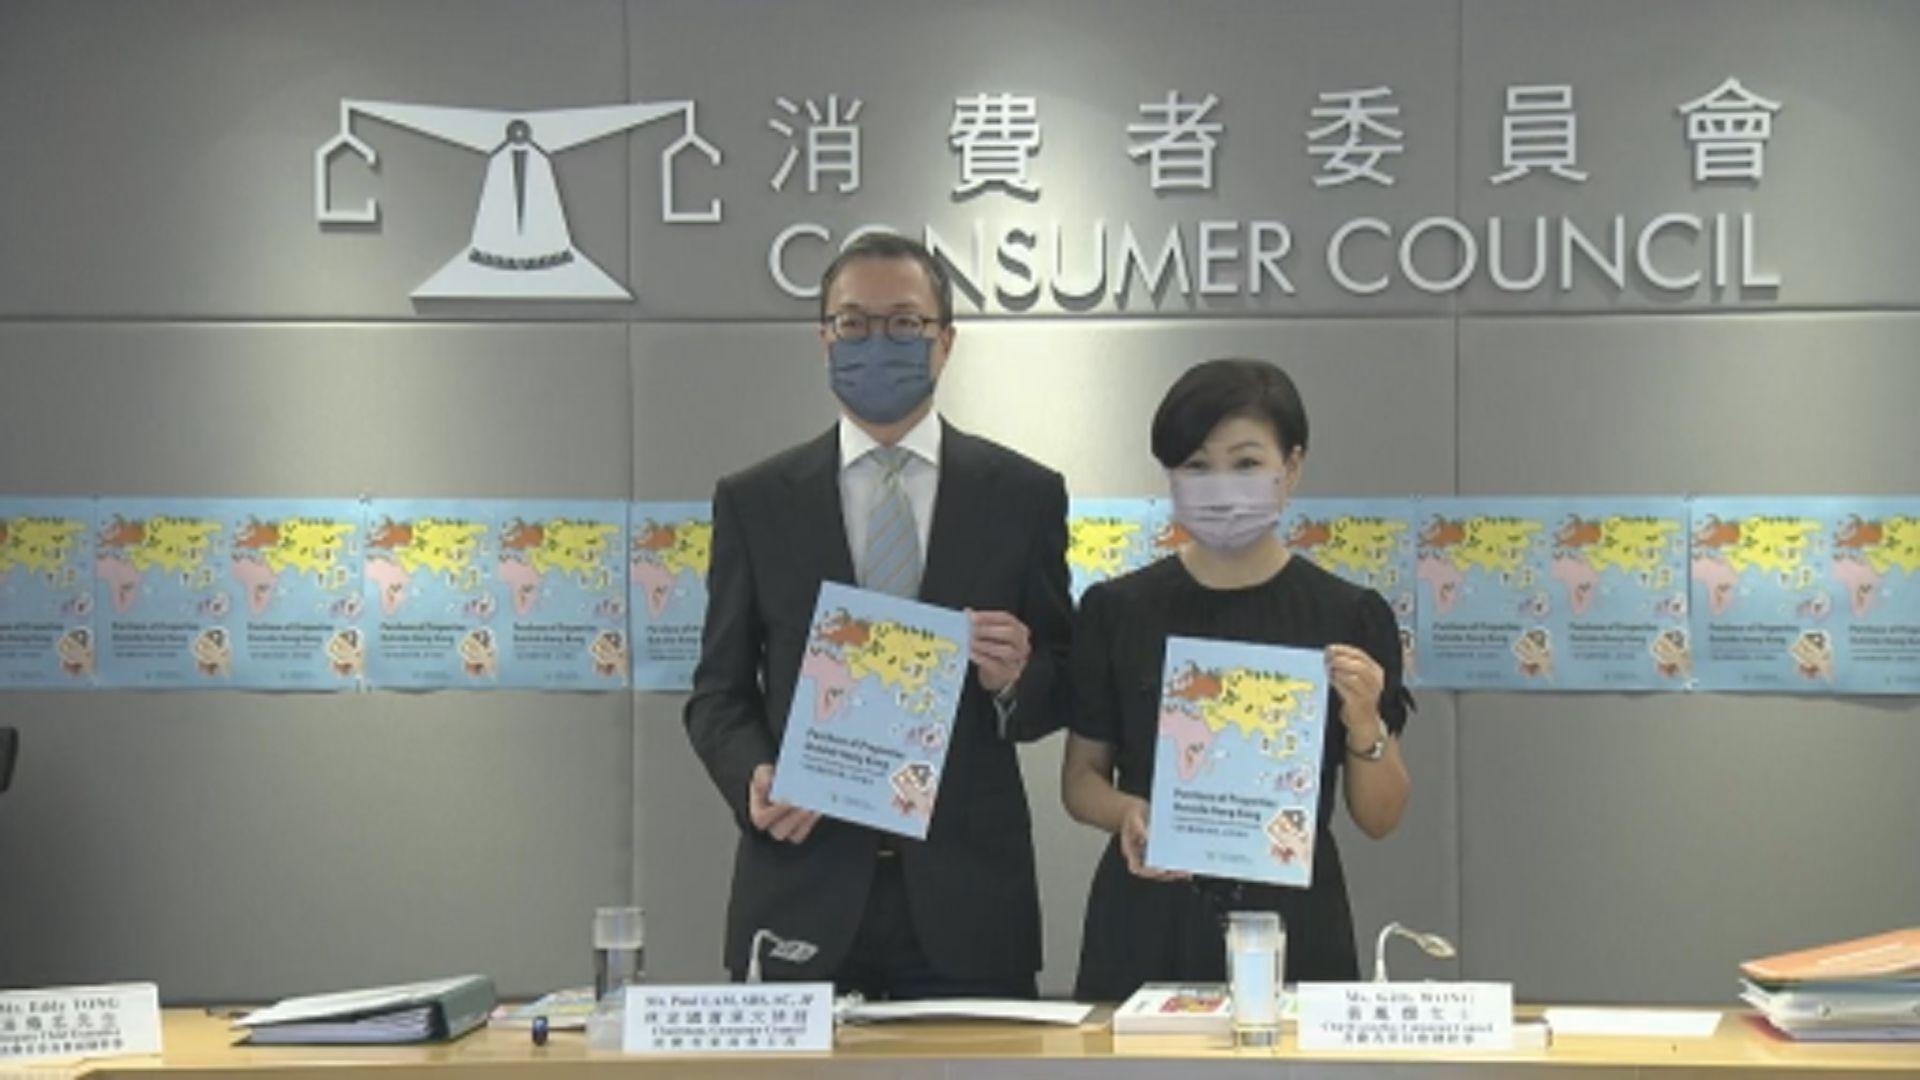 消委會:有代理不懂日文卻銷售日本樓盤 僅憑漢字推測樓盤內容